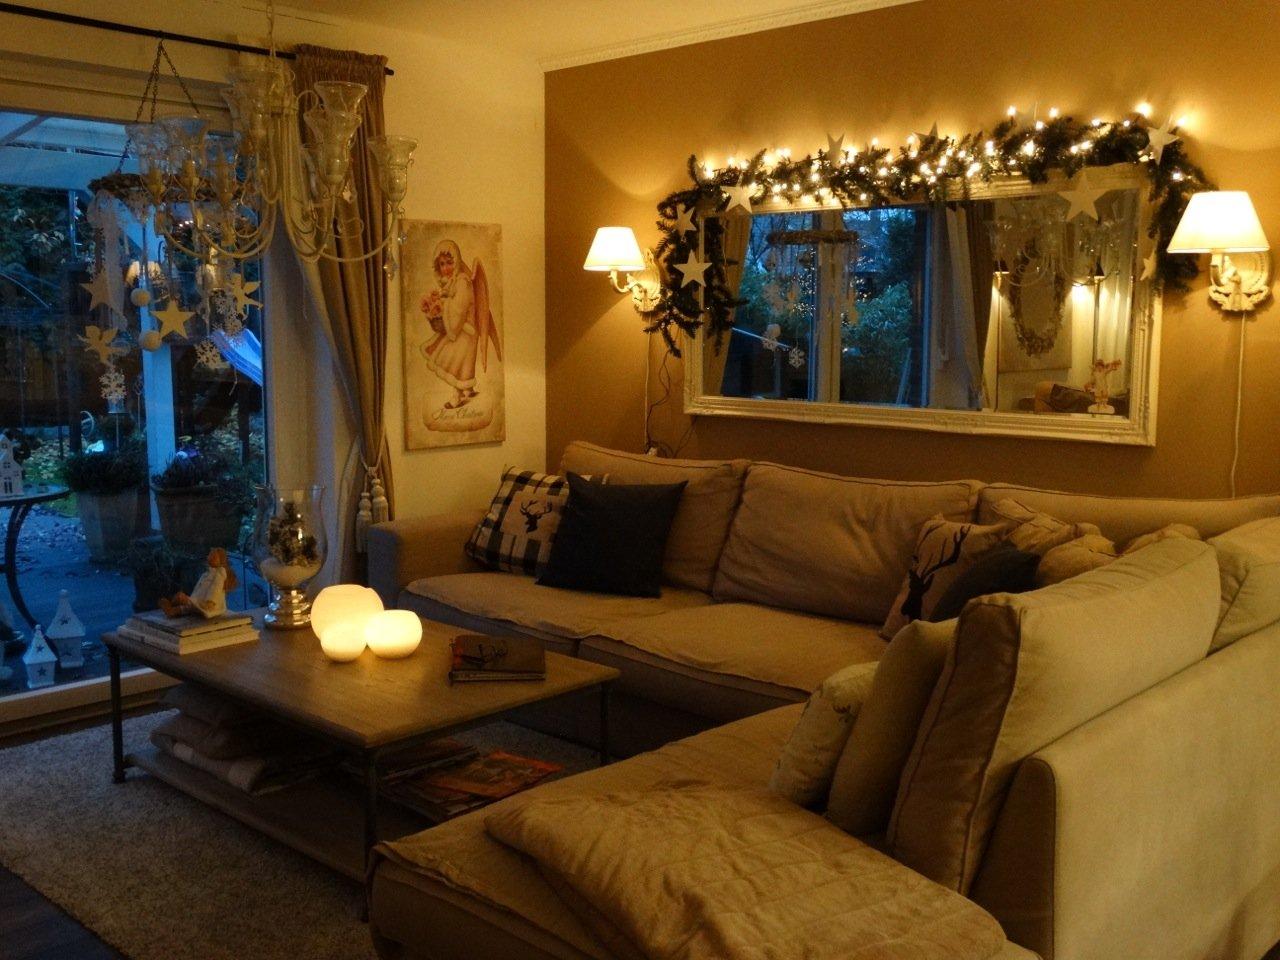 Weihnachtsdeko Für Zuhause.Weihnachtsdeko Mein Zuhause Von Rm198de 34594 Zimmerschau